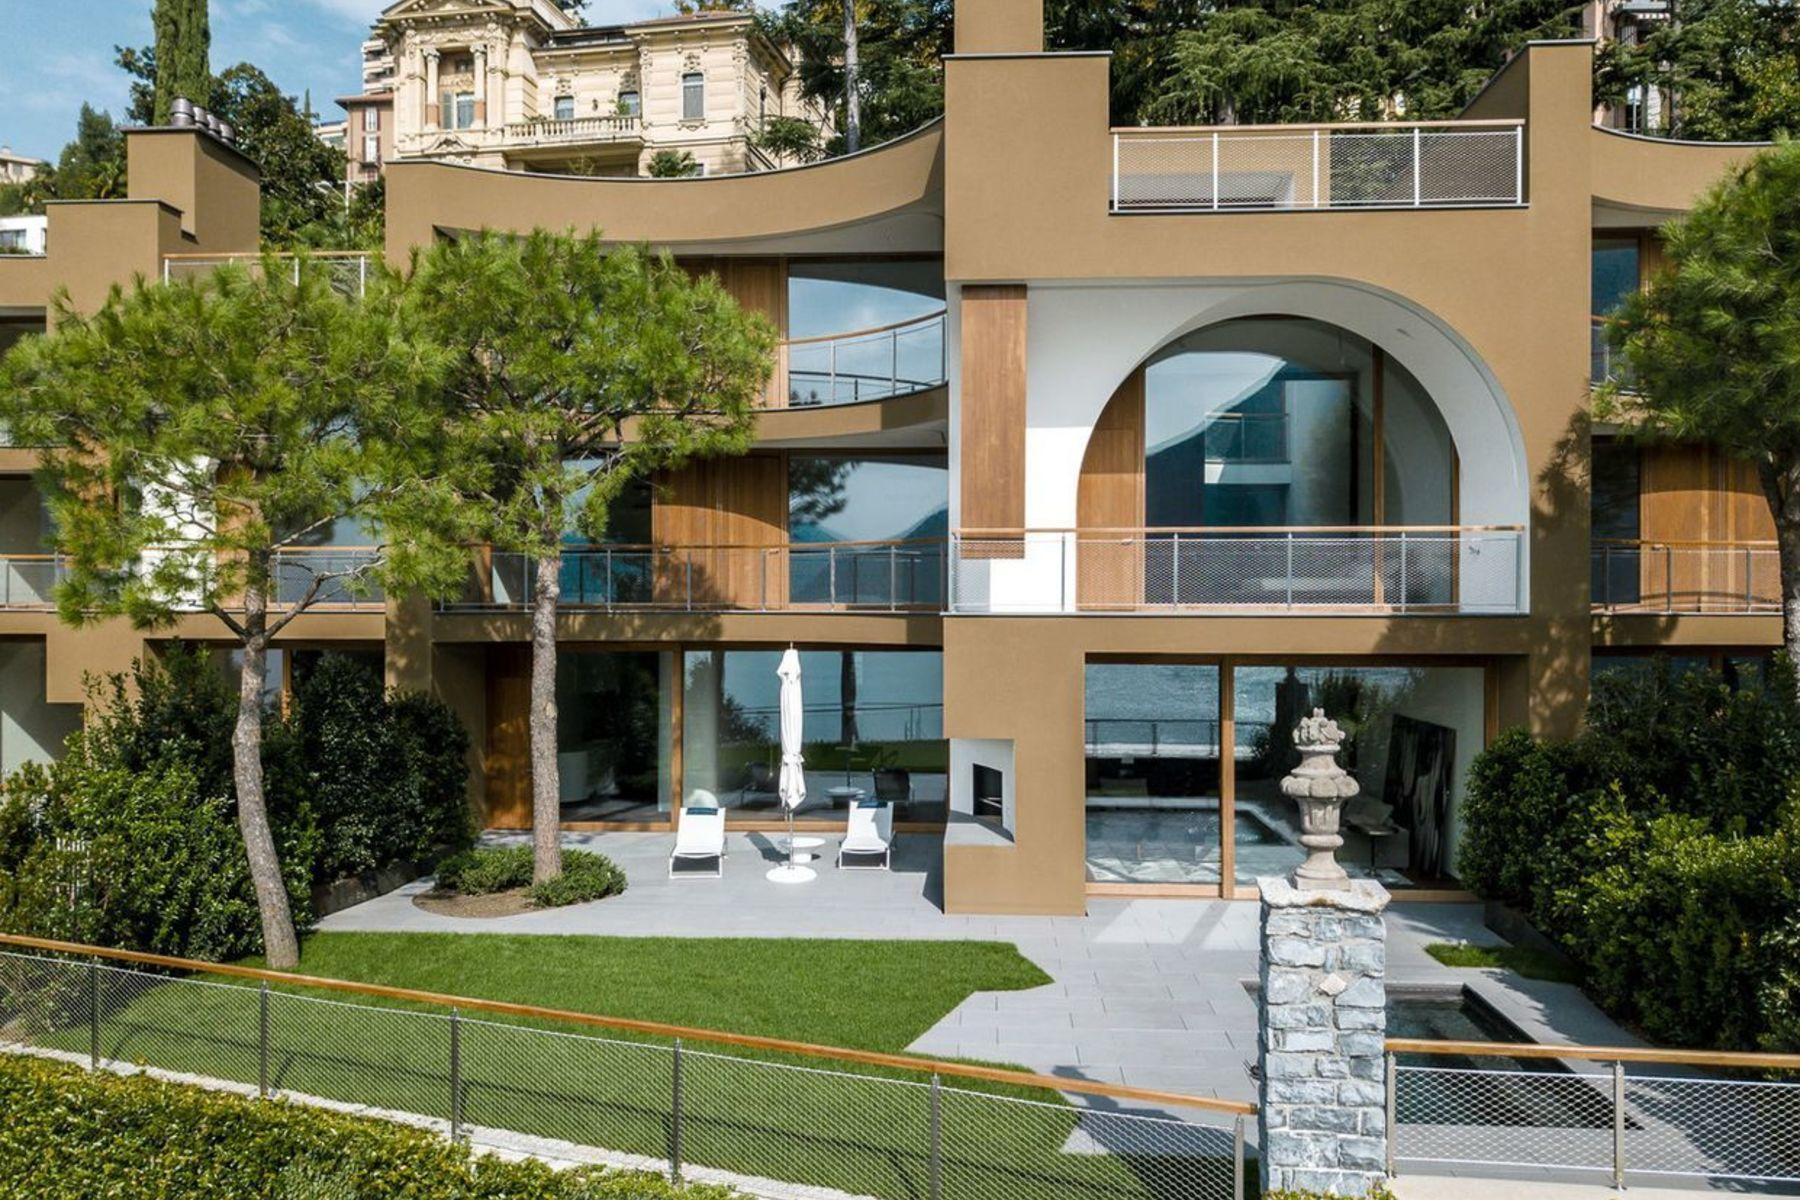 Single Family Homes pour l Vente à Archi di luce - by Herzog & de Meuron: villa 4 Lugano, Tessin 6900 Suisse